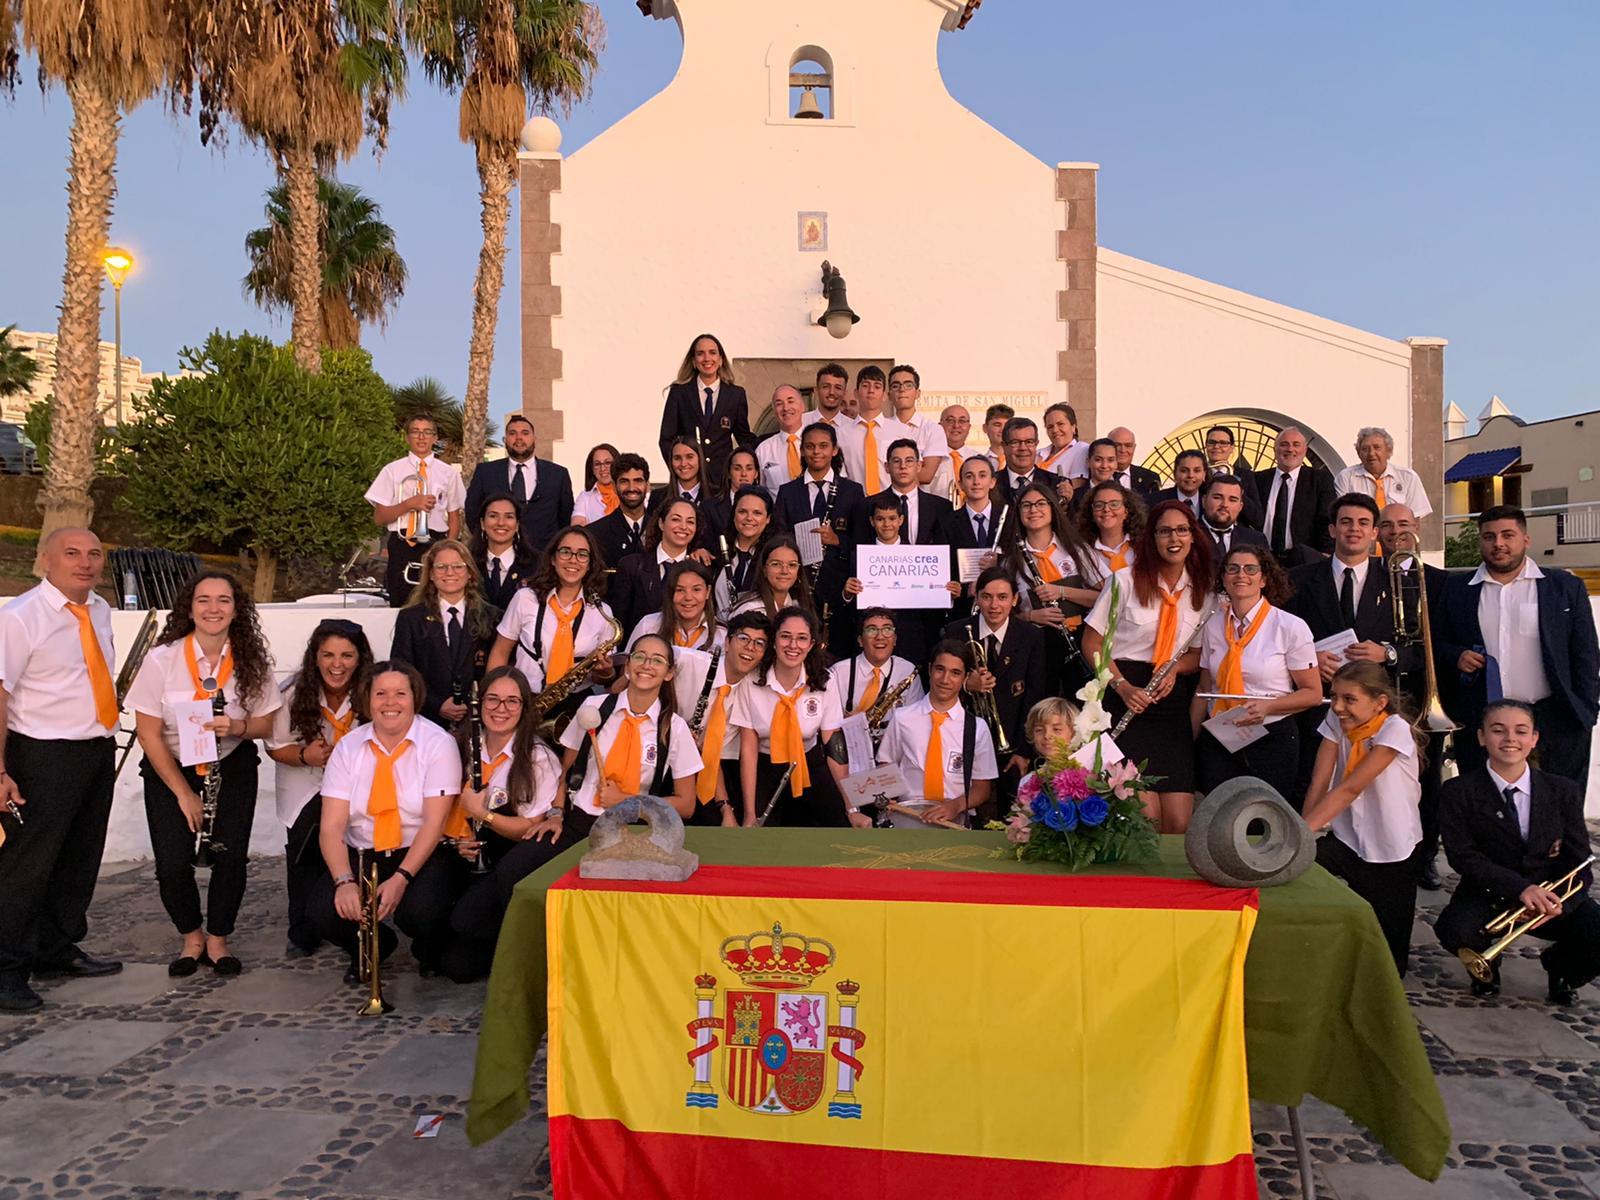 La banda de música de Agulo triunfa en Fuerteventura